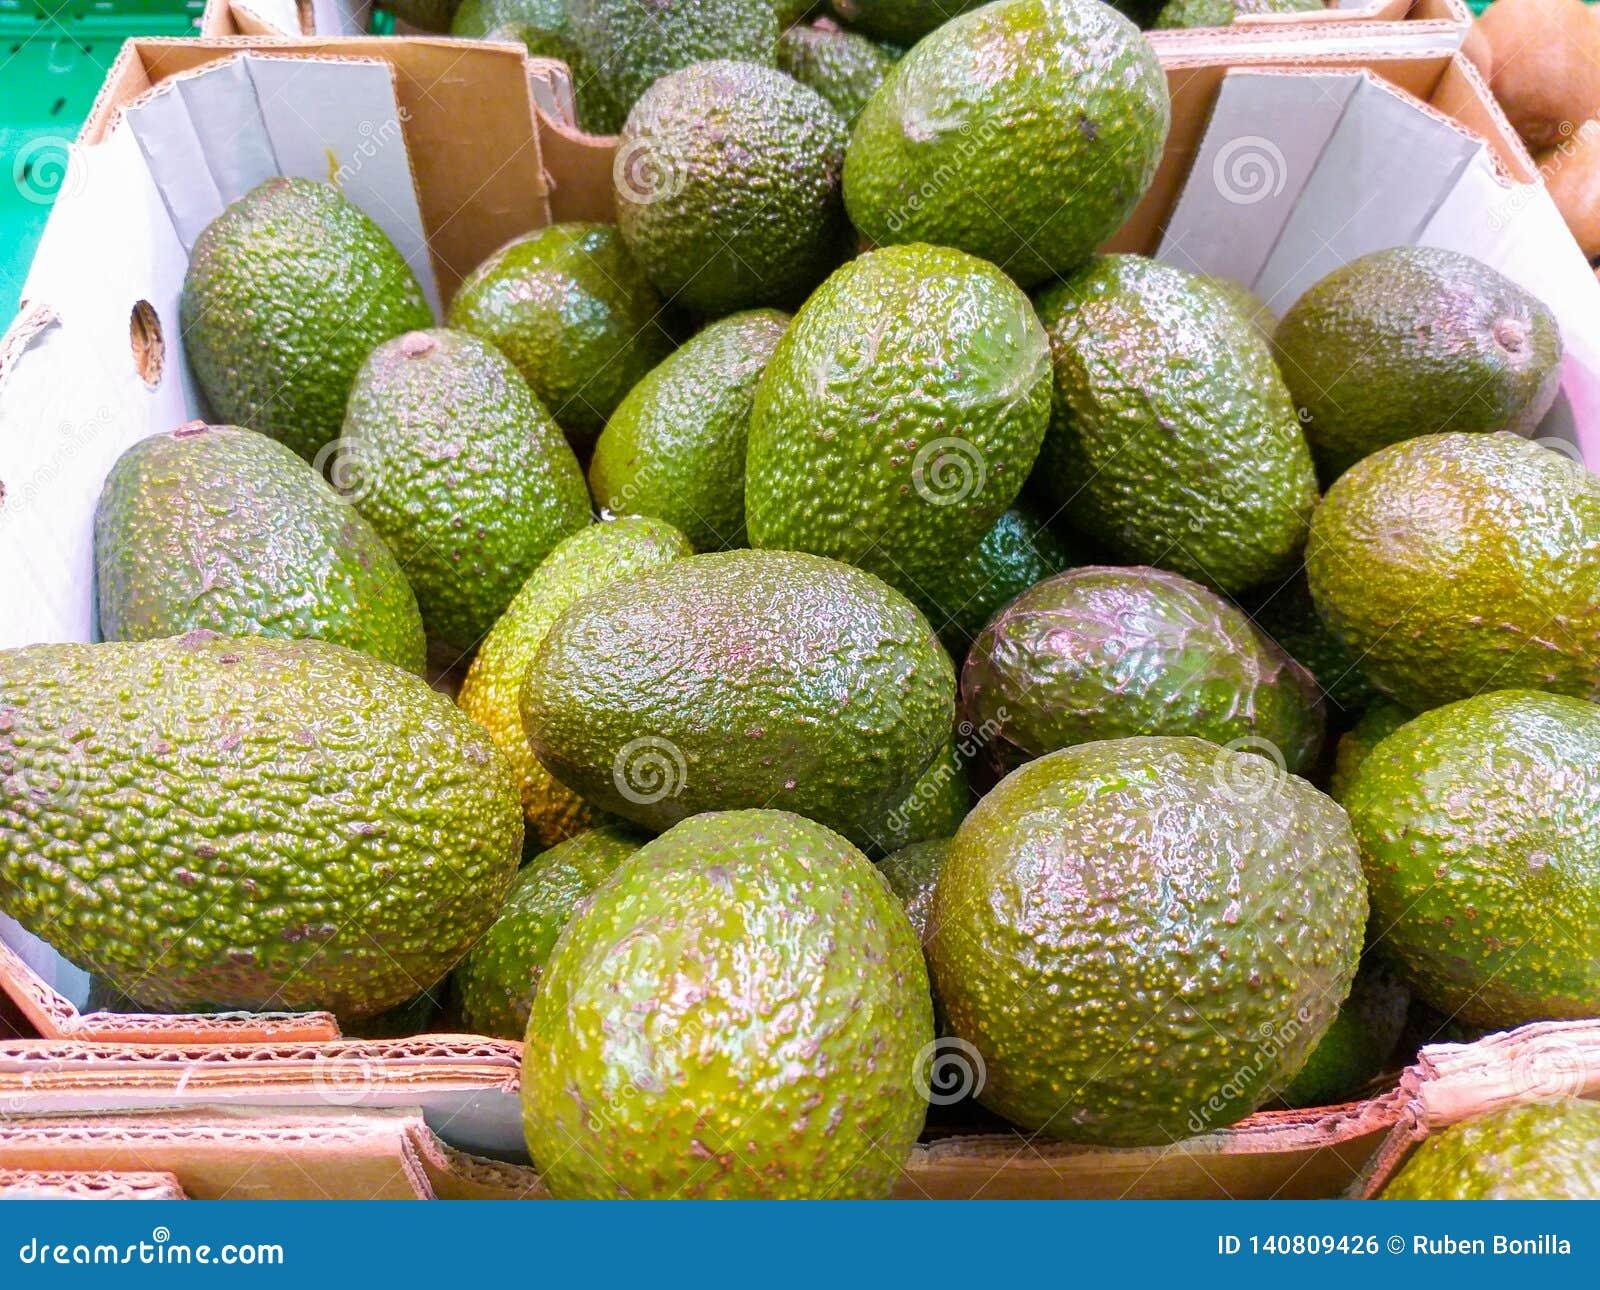 En paperboardask på marknadsöverflödet av smakliga briljanta gröna avokadon skördade precis klart att säljas till kunder